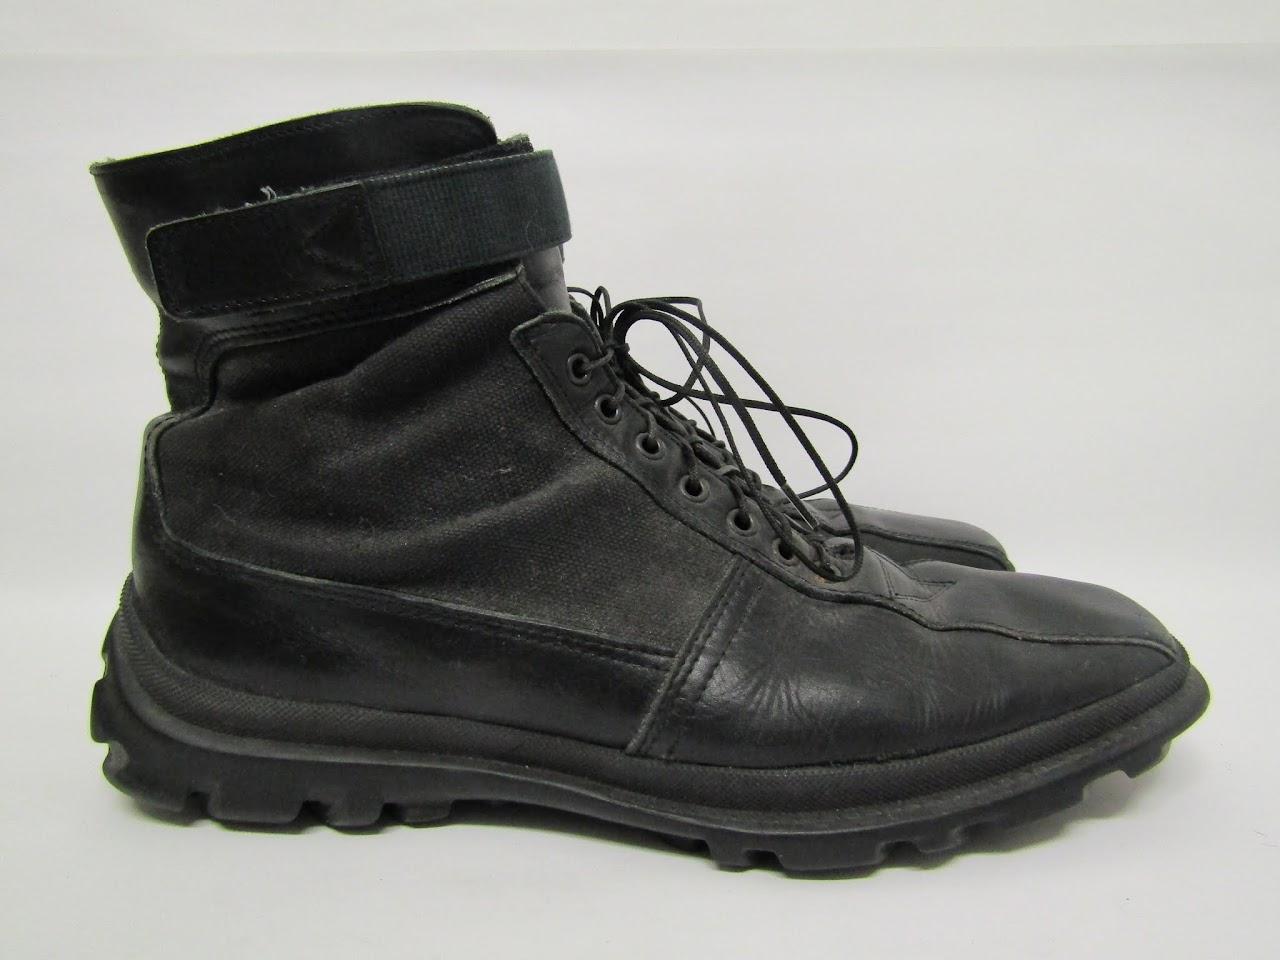 Miu Miu Lace-Up Boots